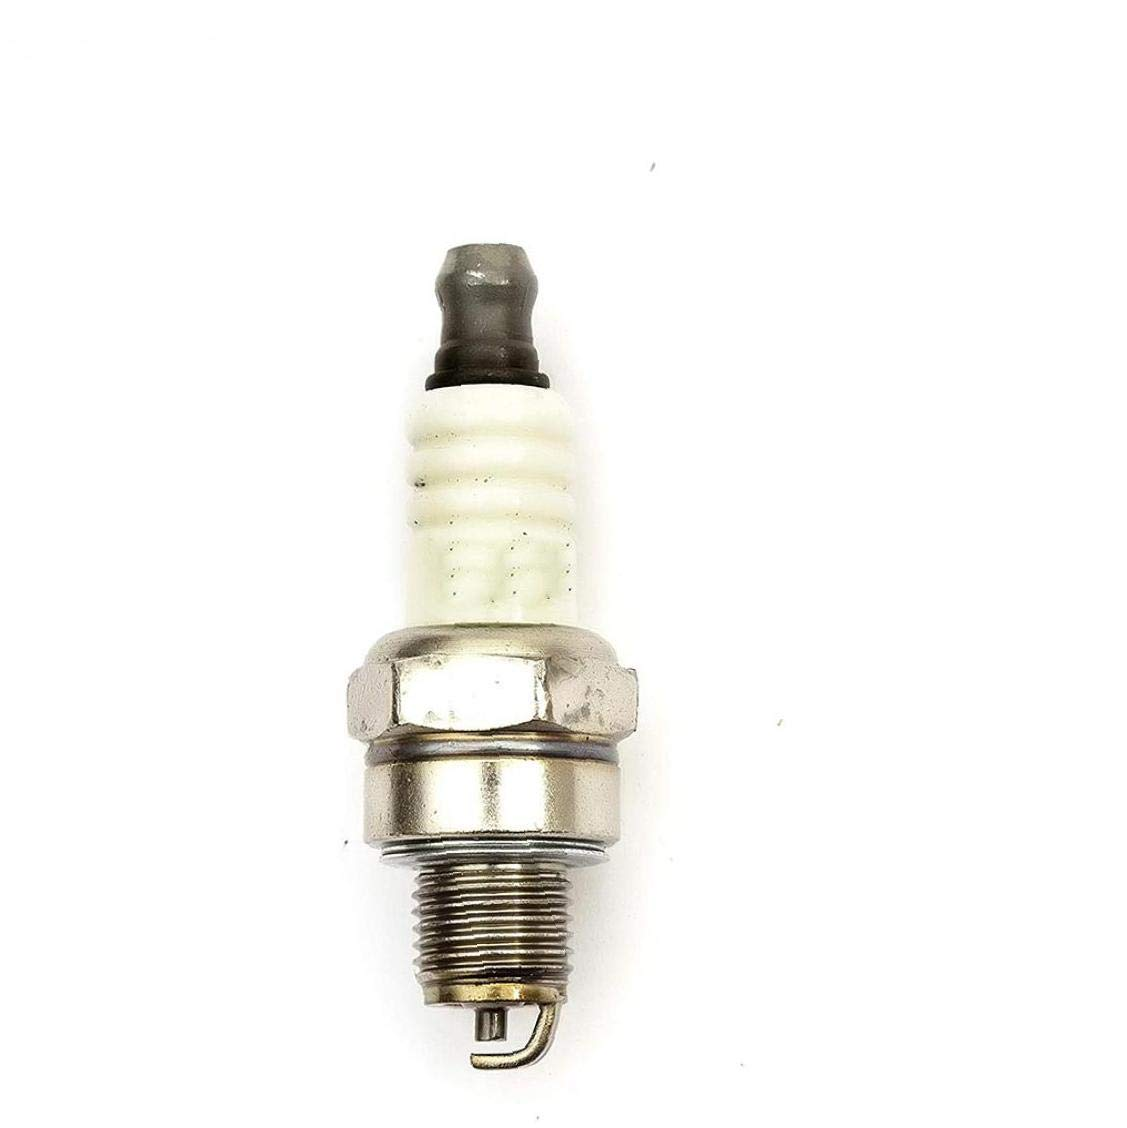 Suministros Spark Plug Reemplaza Husqvarna Motor Del Tractor Cortacésped Rototiller Equipos Electrónicos